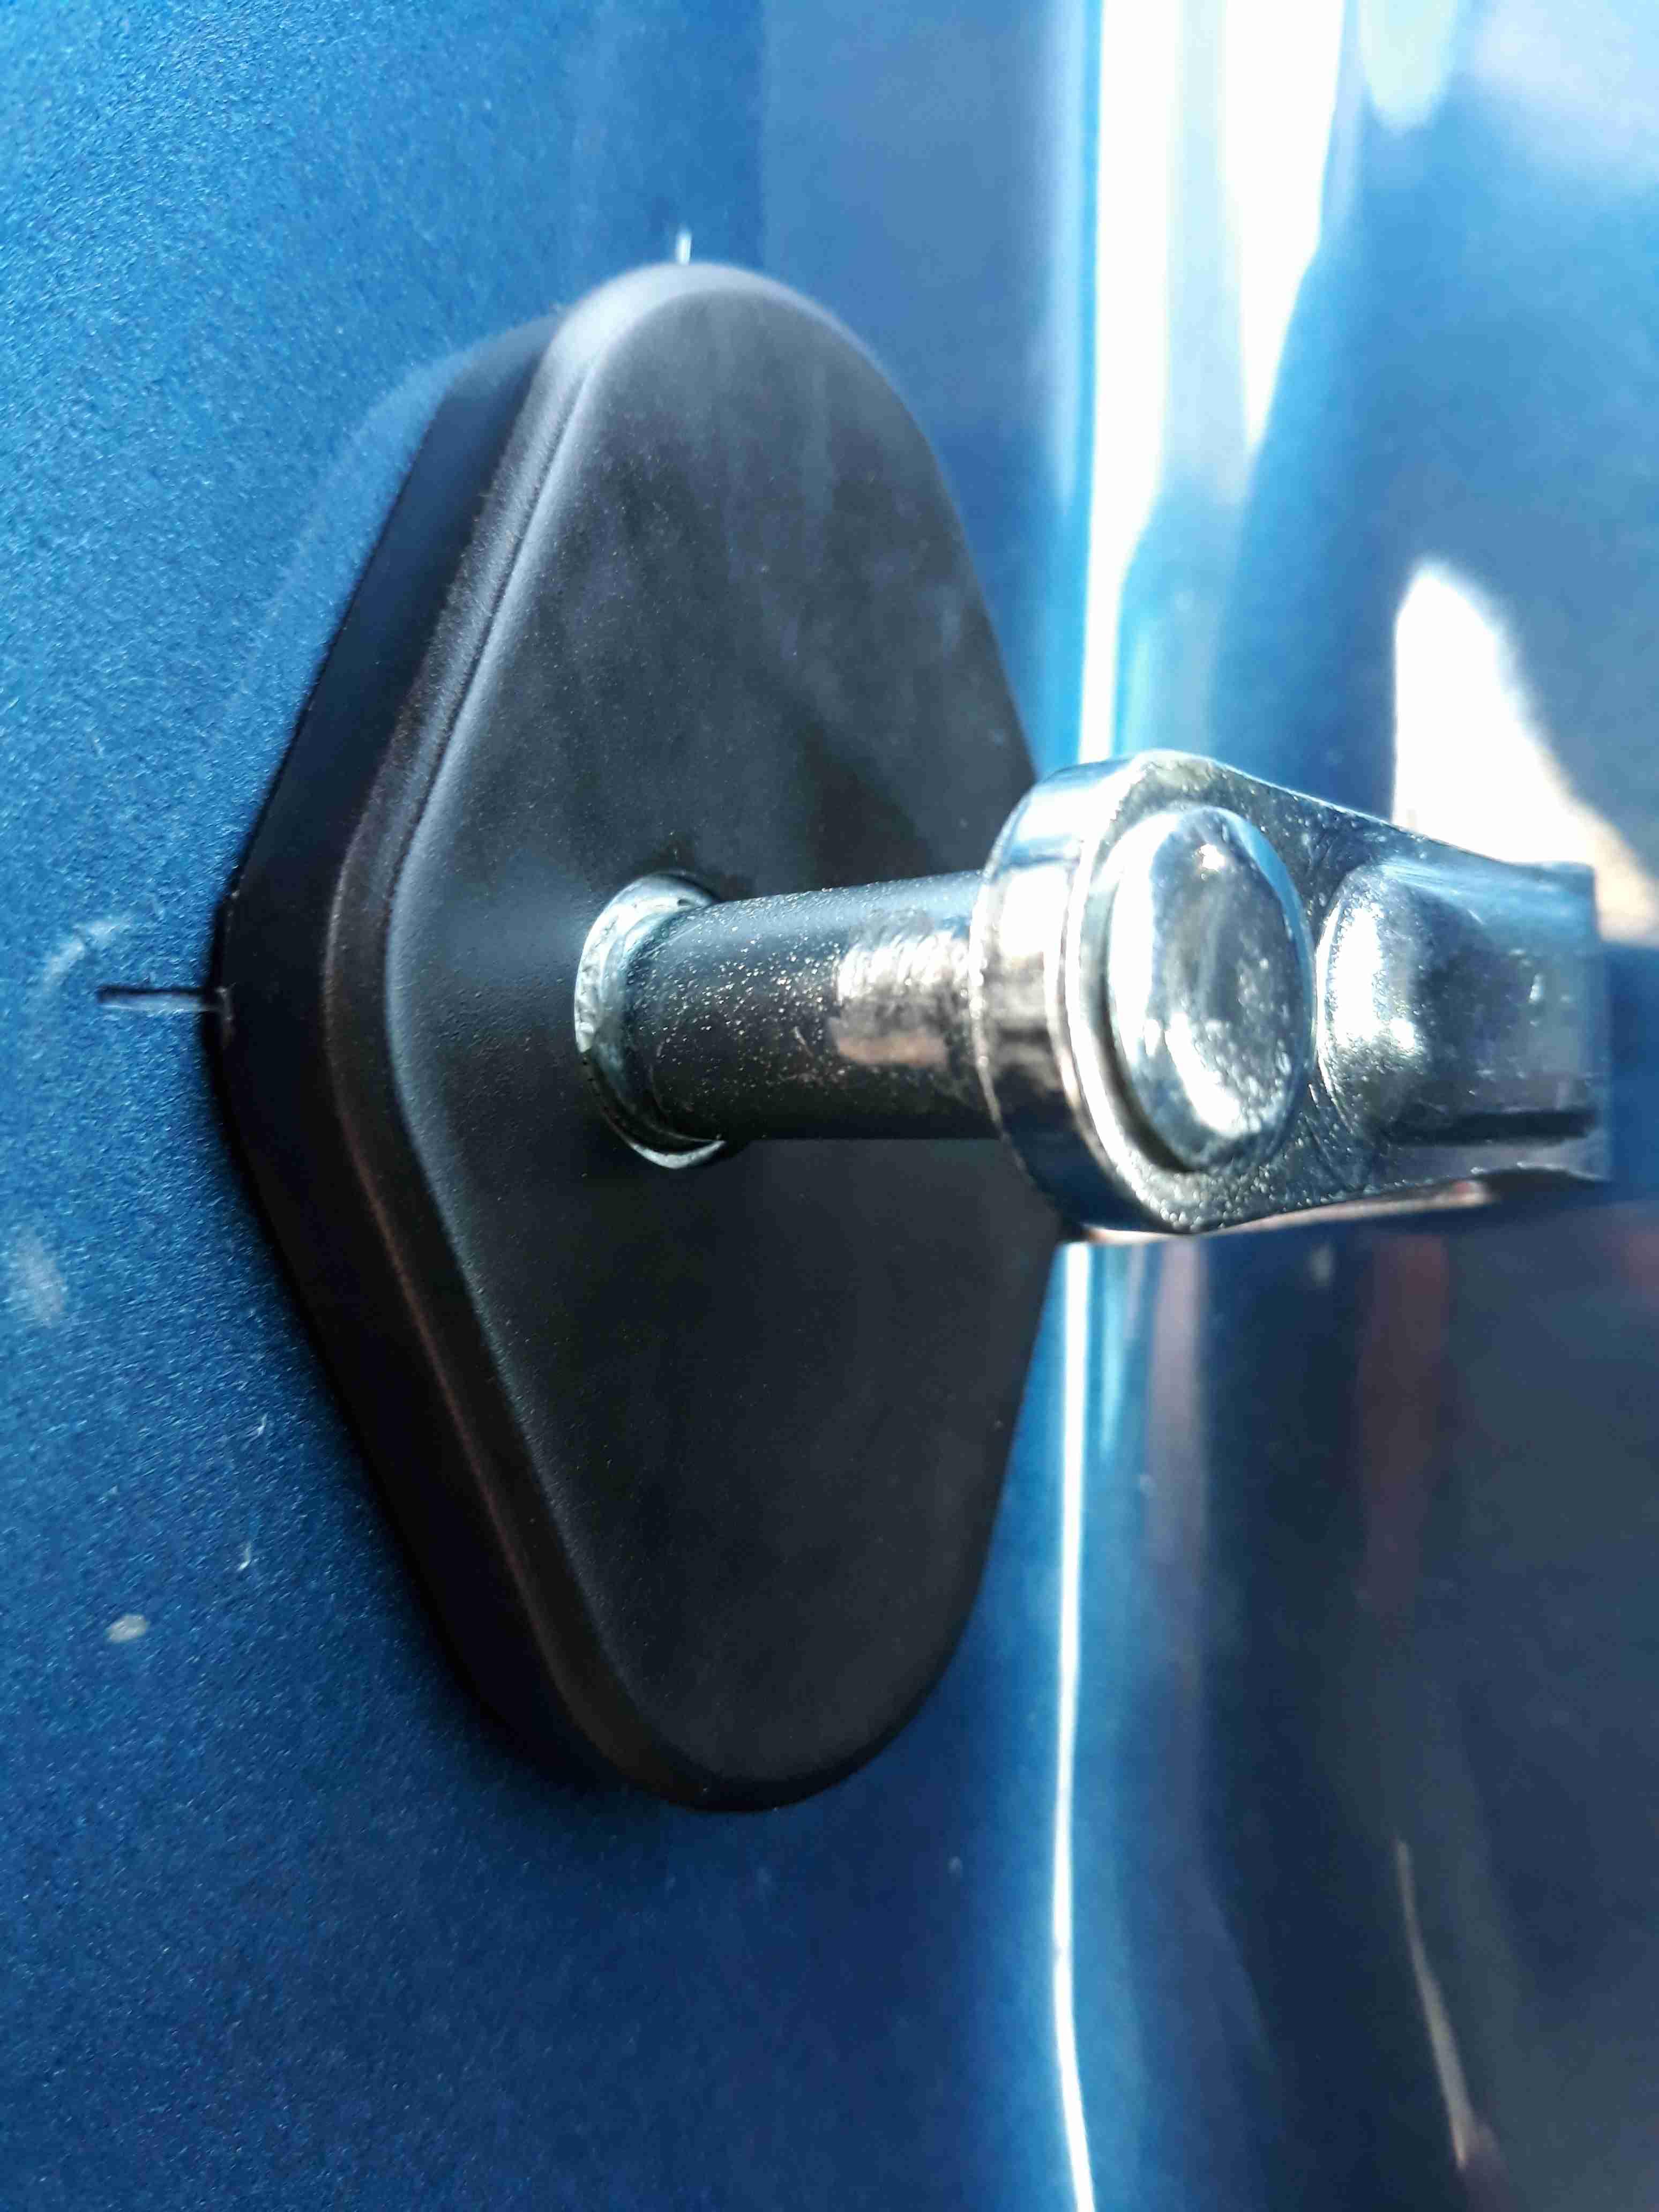 Krytky 08 - zadni dvere